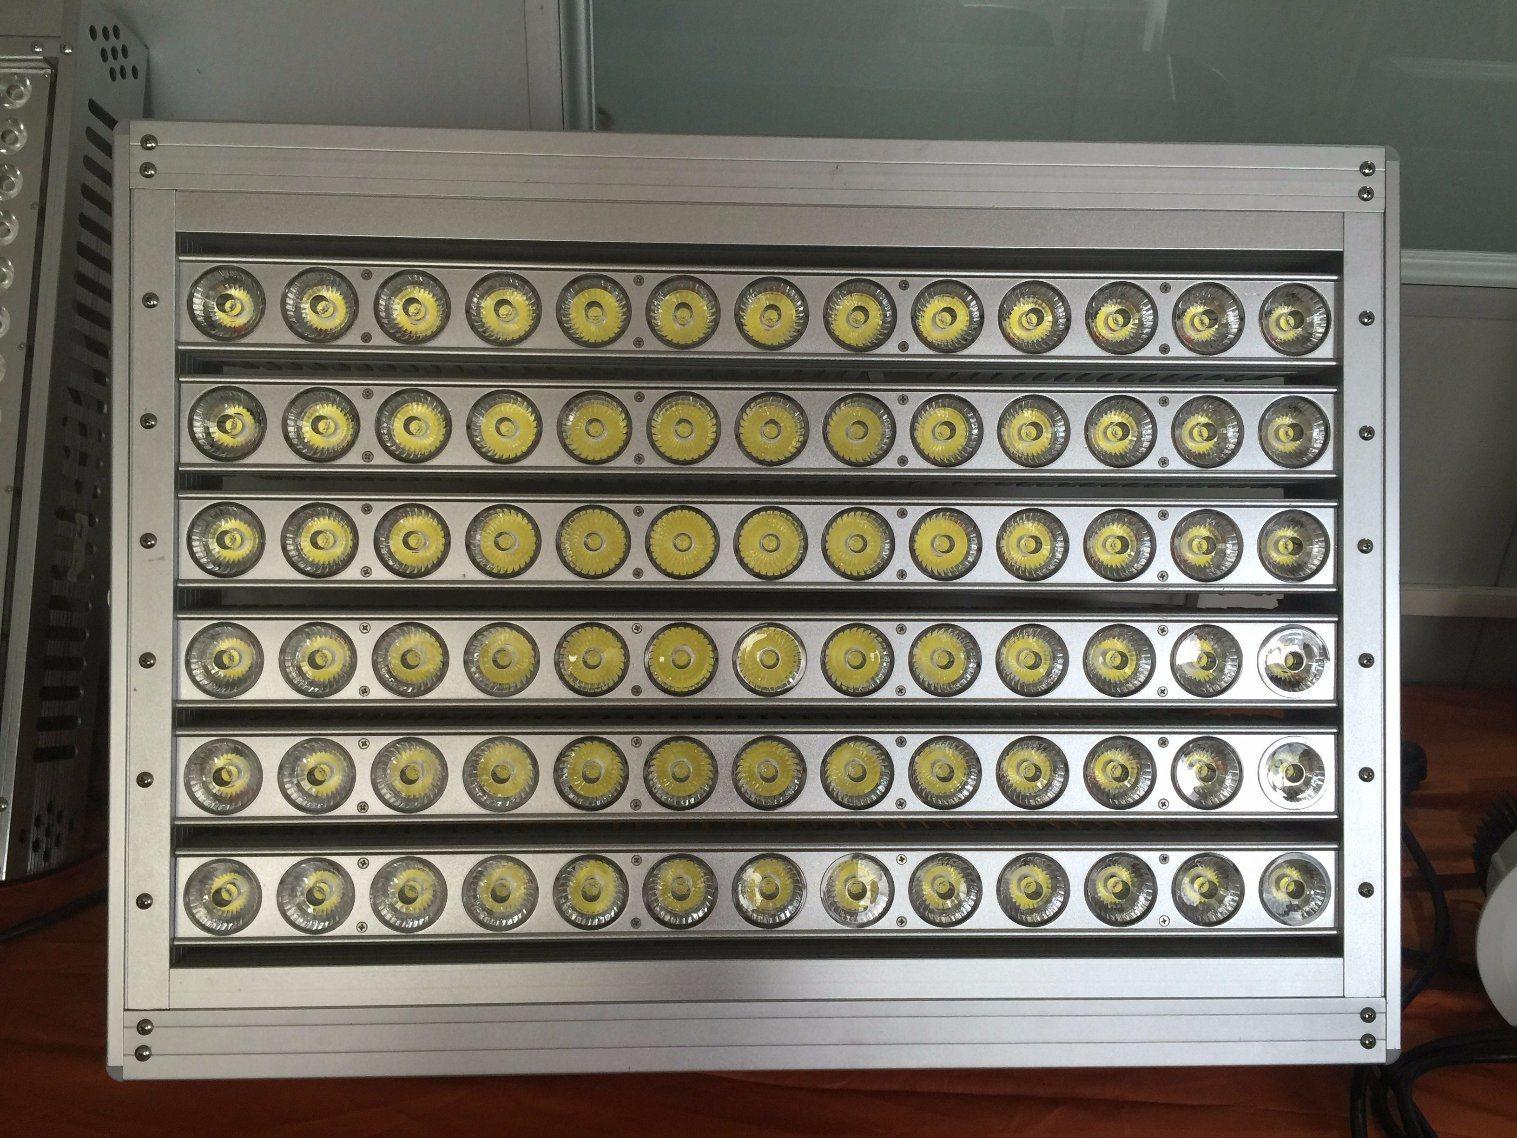 Ledsmaster 720W LED Flood Light for Stadium